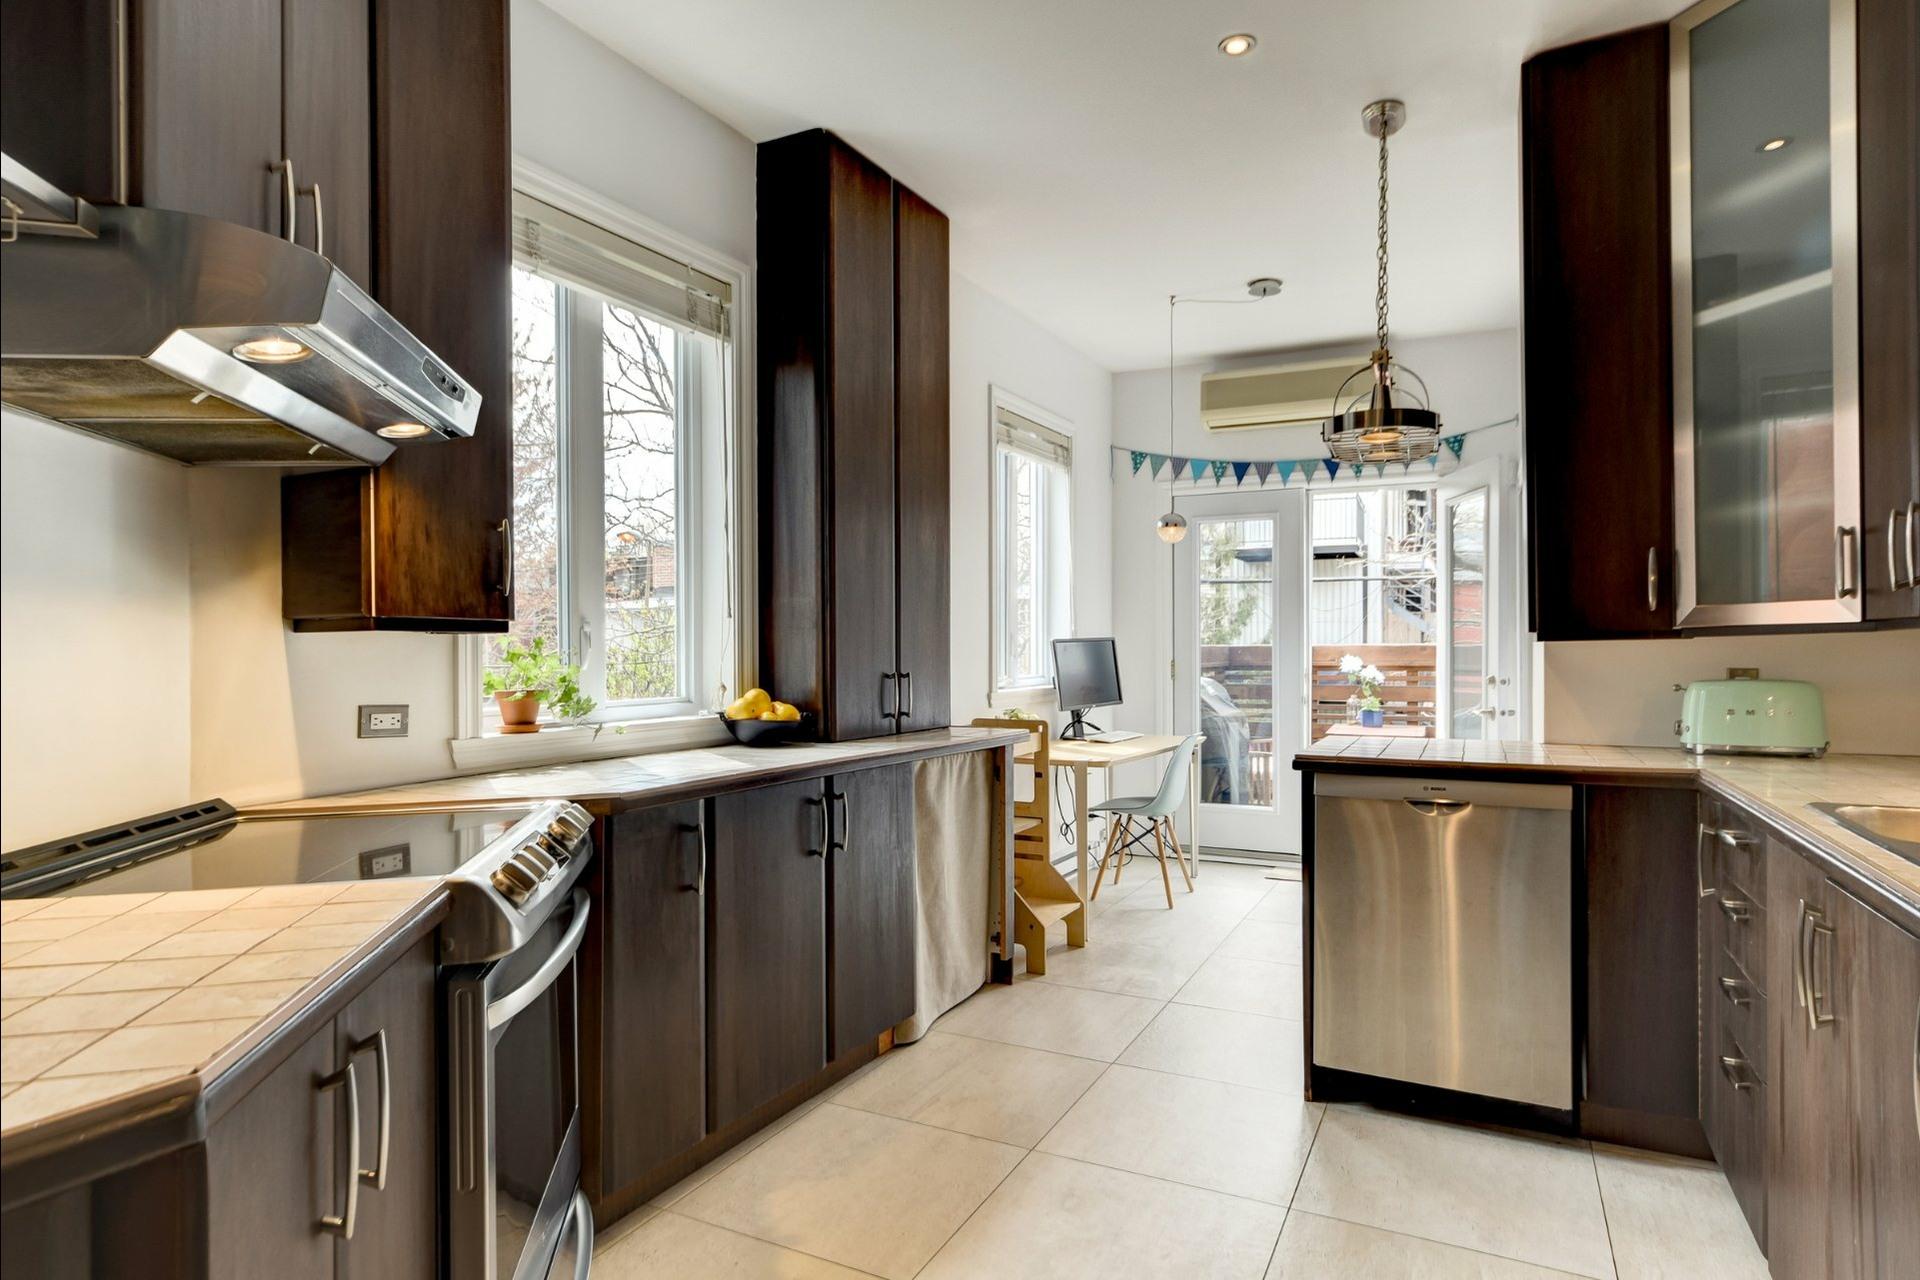 image 4 - 公寓 出售 Le Plateau-Mont-Royal Montréal  - 6 室